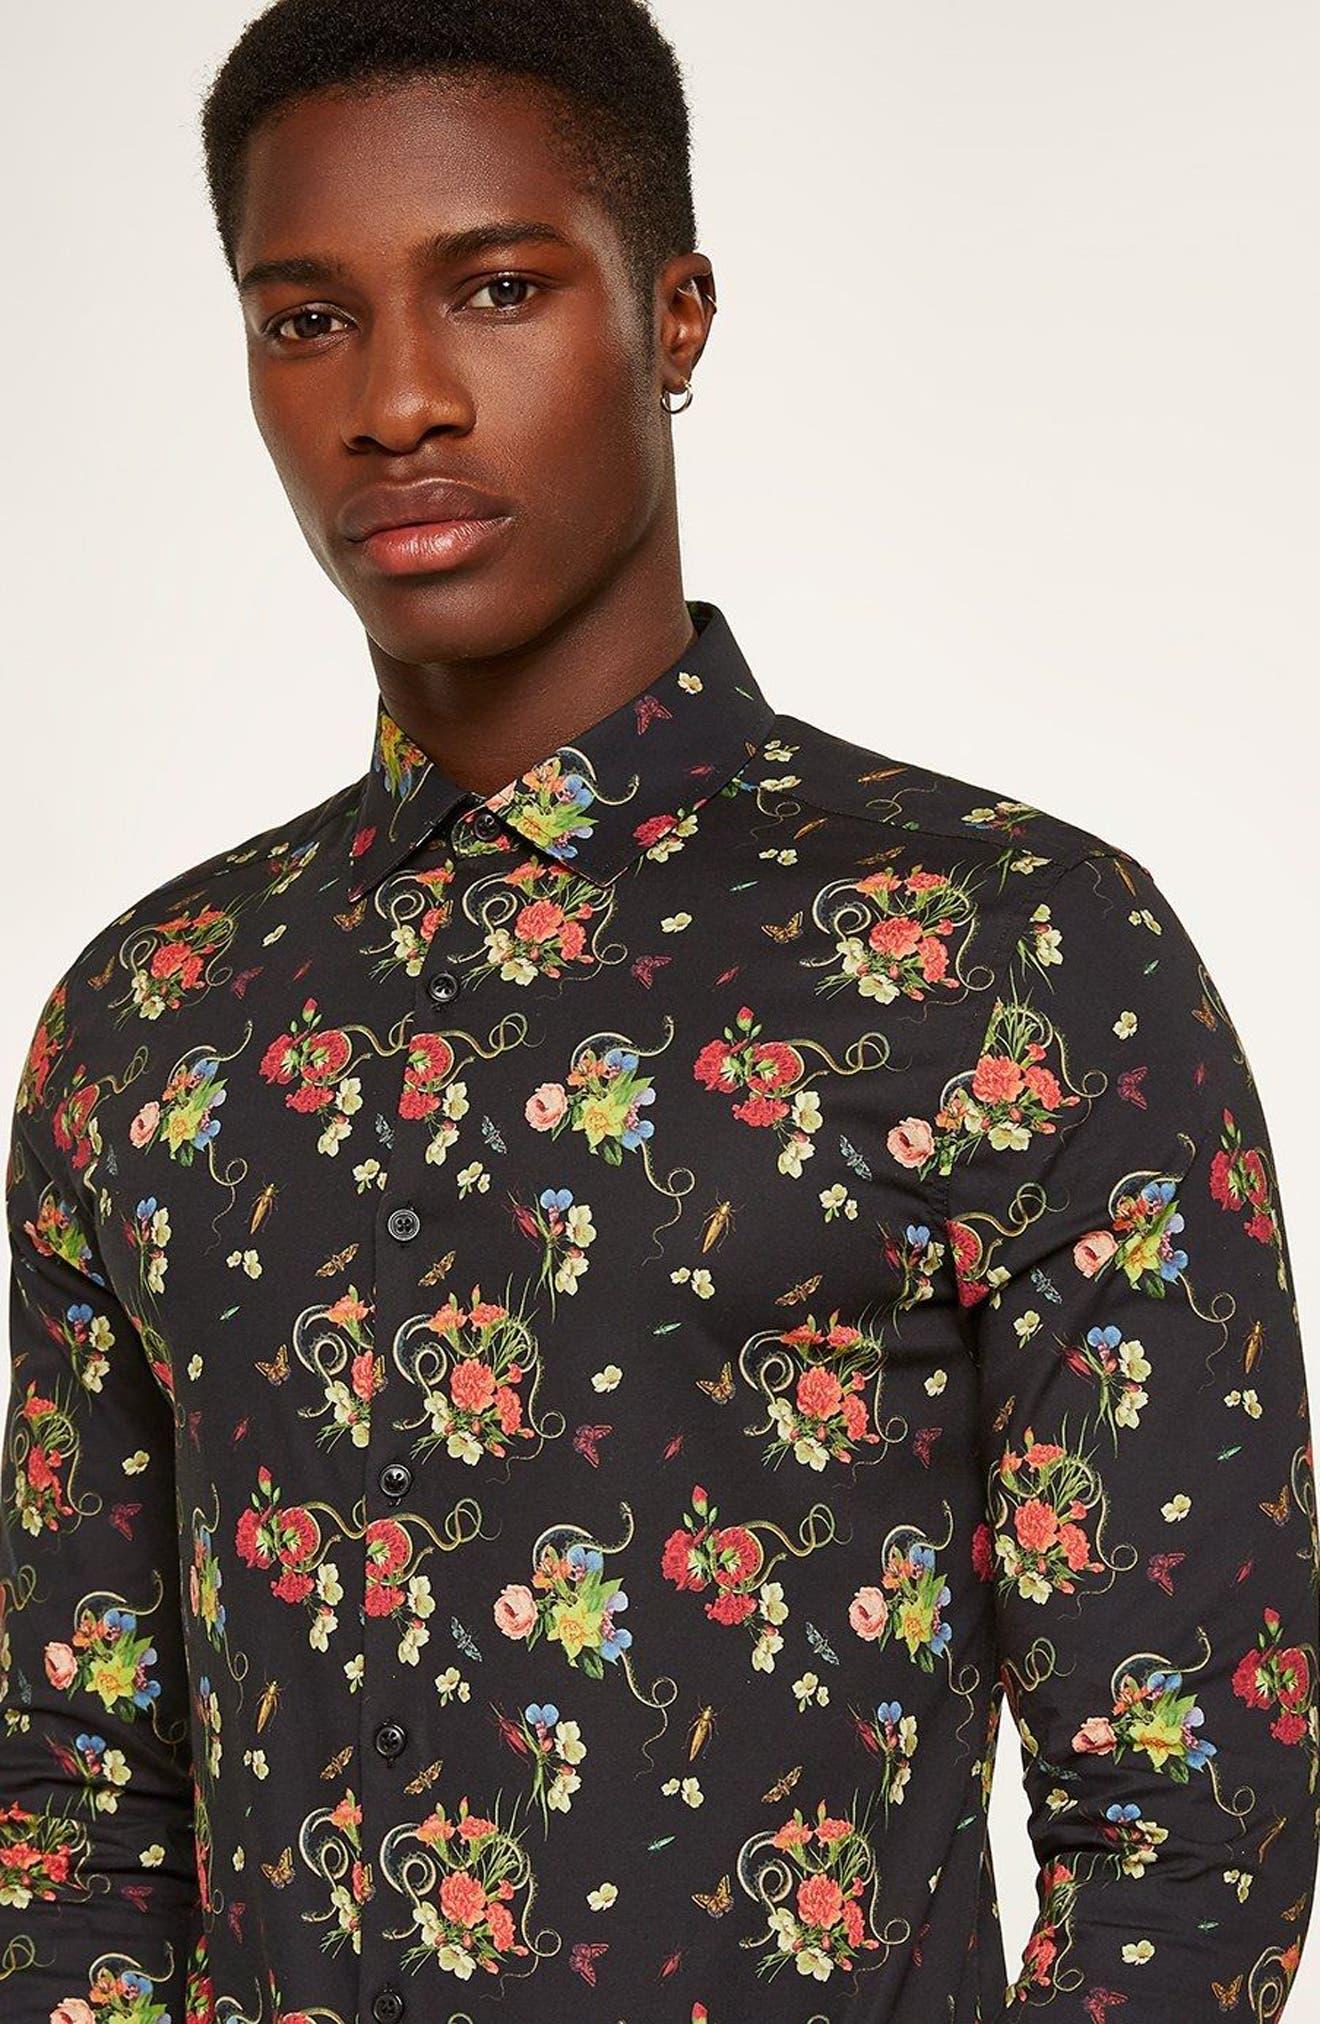 Snake Floral Print Shirt,                             Alternate thumbnail 2, color,                             Black Multi